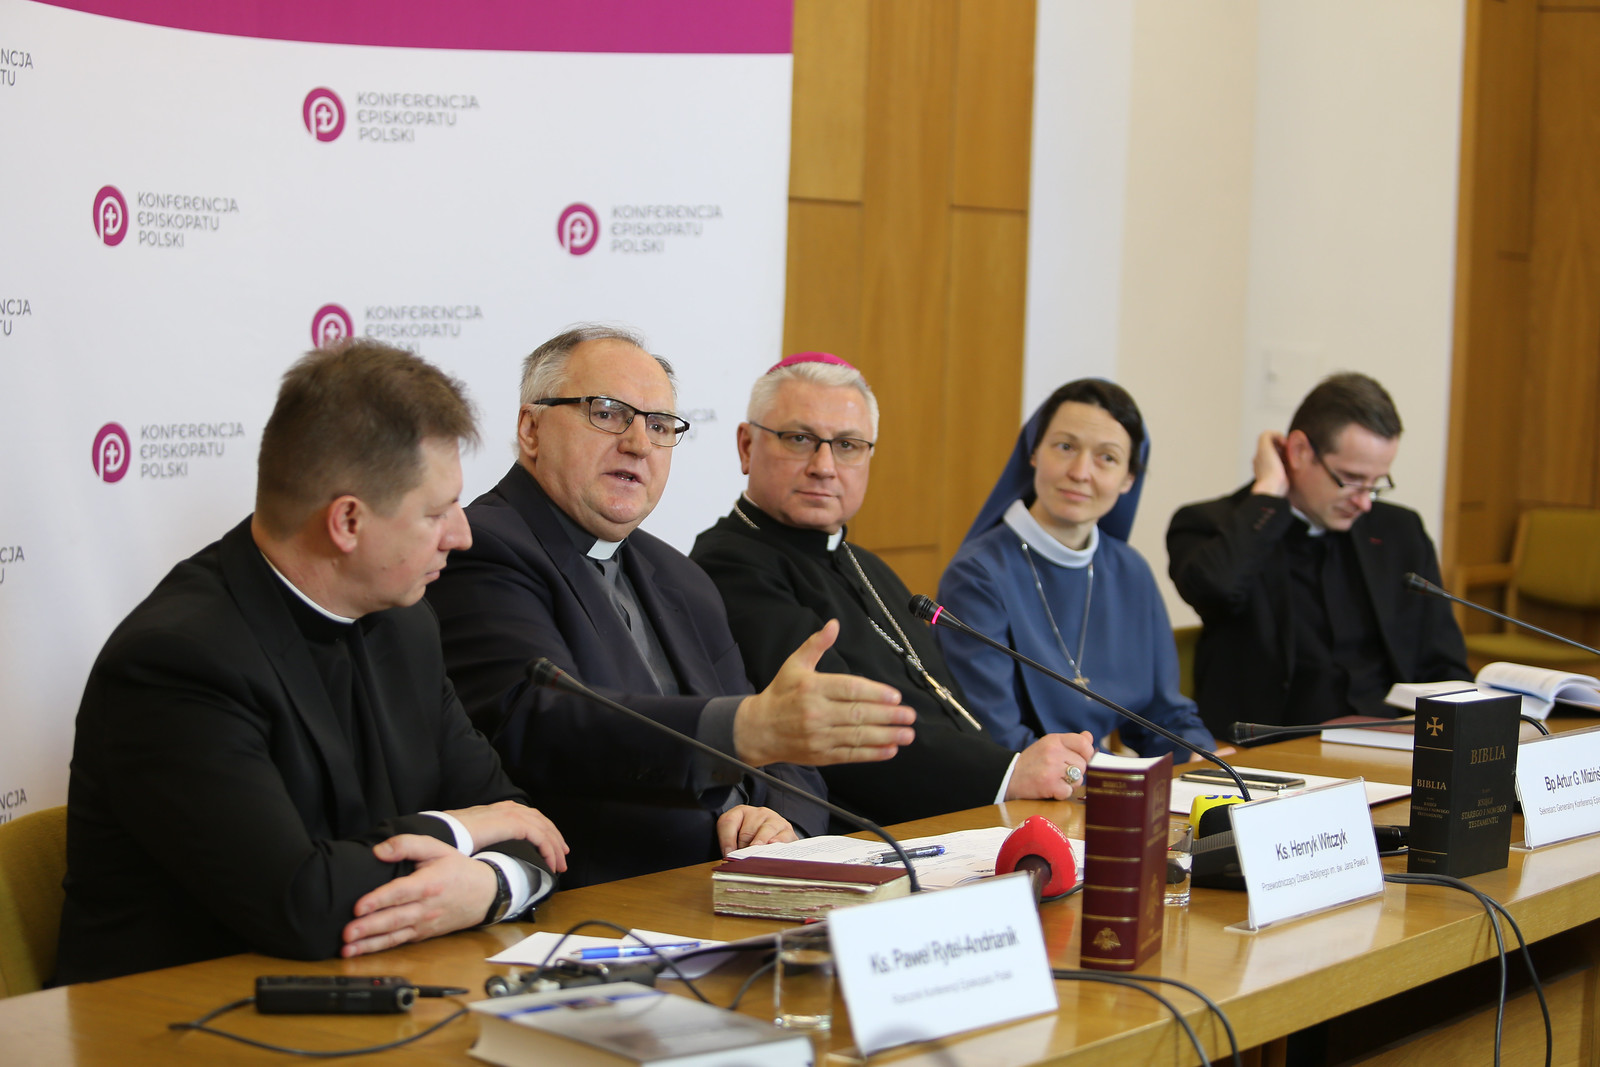 Konferencja prasowa przed Niedzielą Słowa Bożego - Warszawa, 21 I 2020 r.